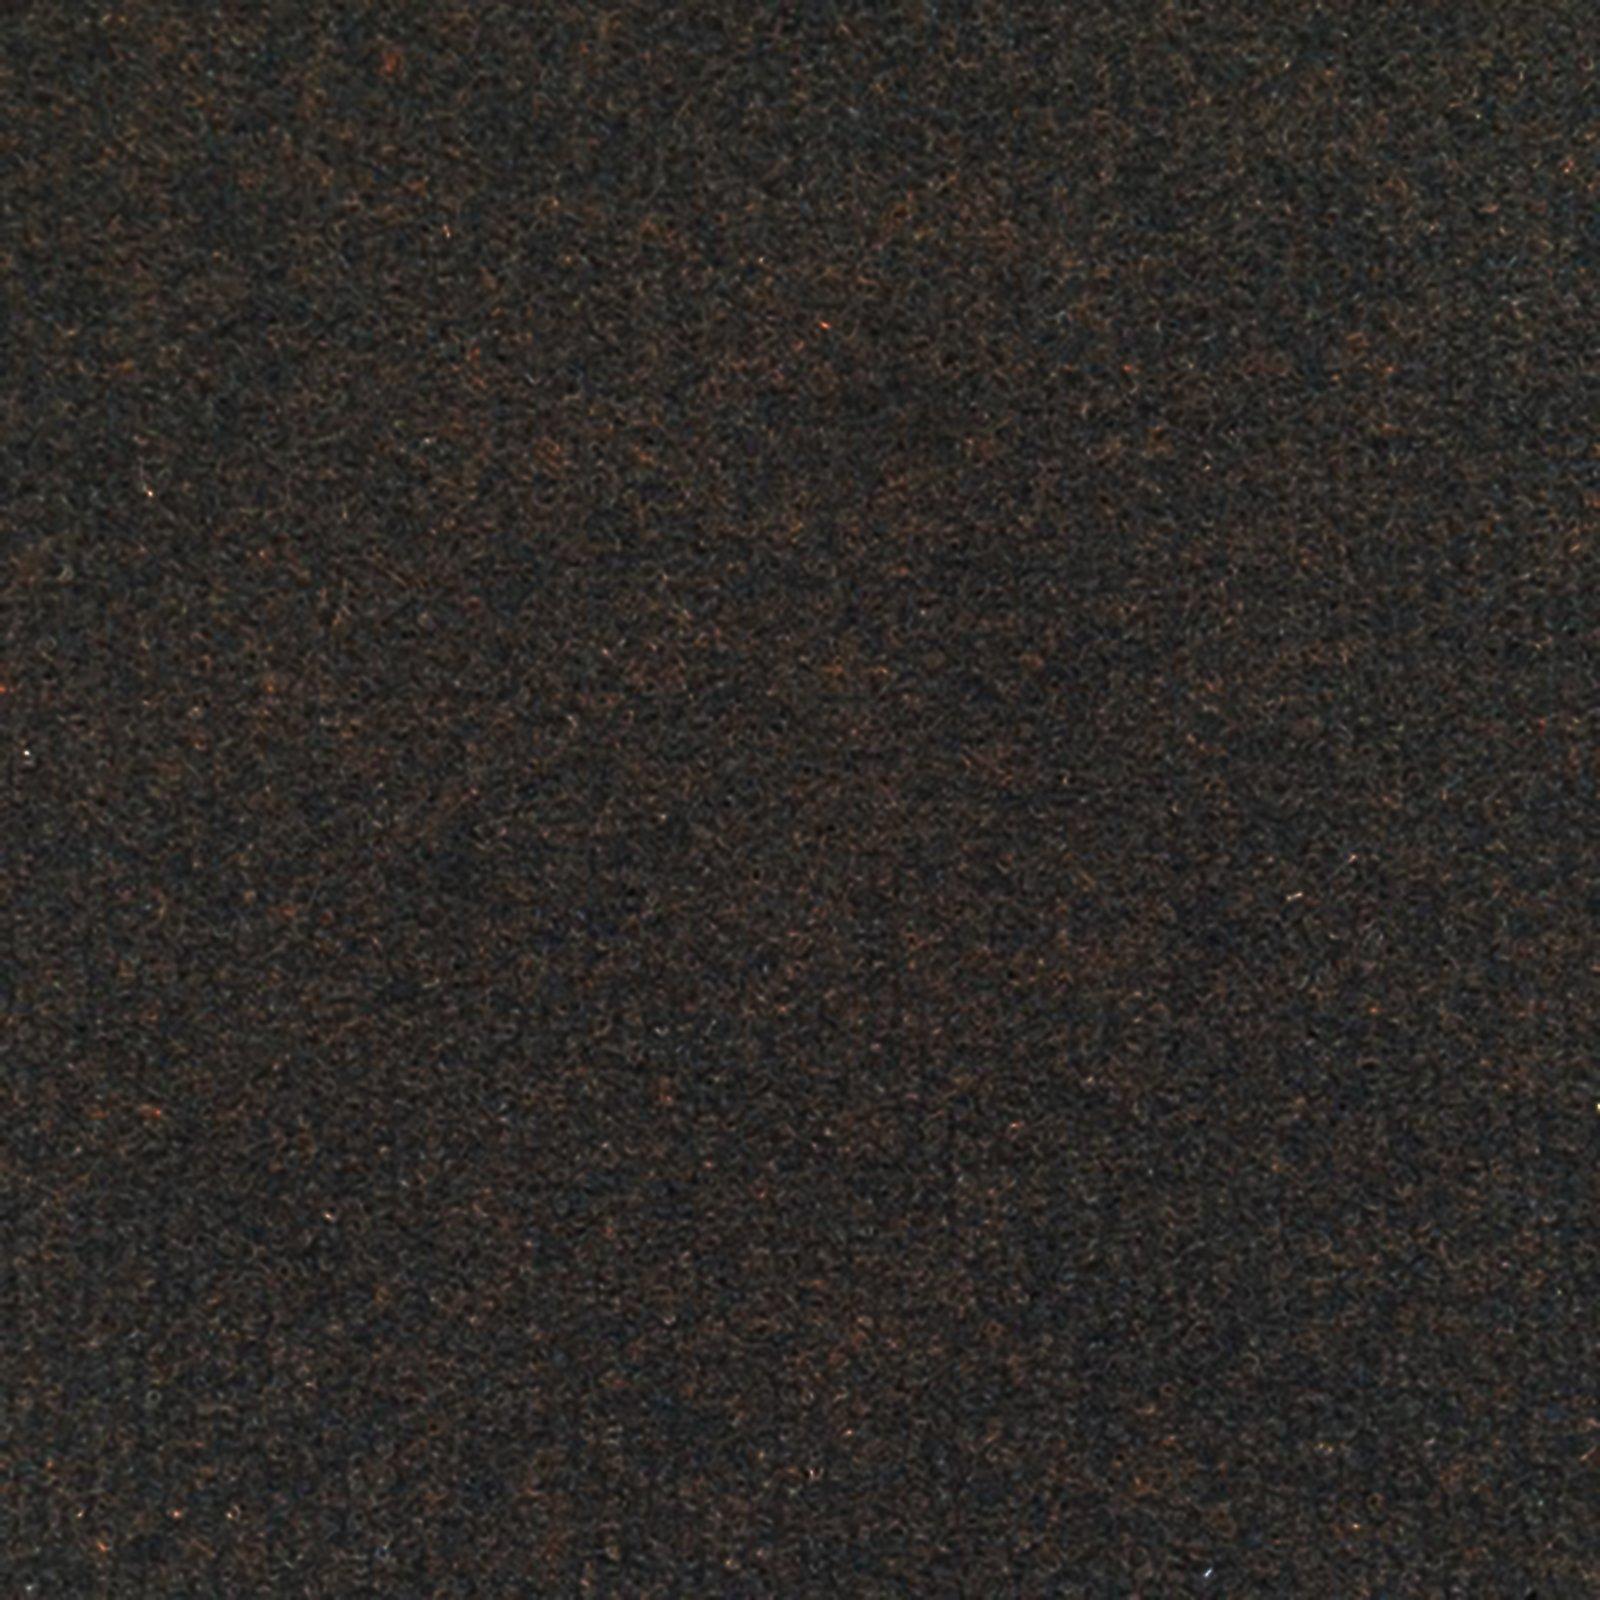 Teppich dunkelbraun  Teppichboden STAR - dunkelbraun - 2 Meter breit | Teppichboden ...